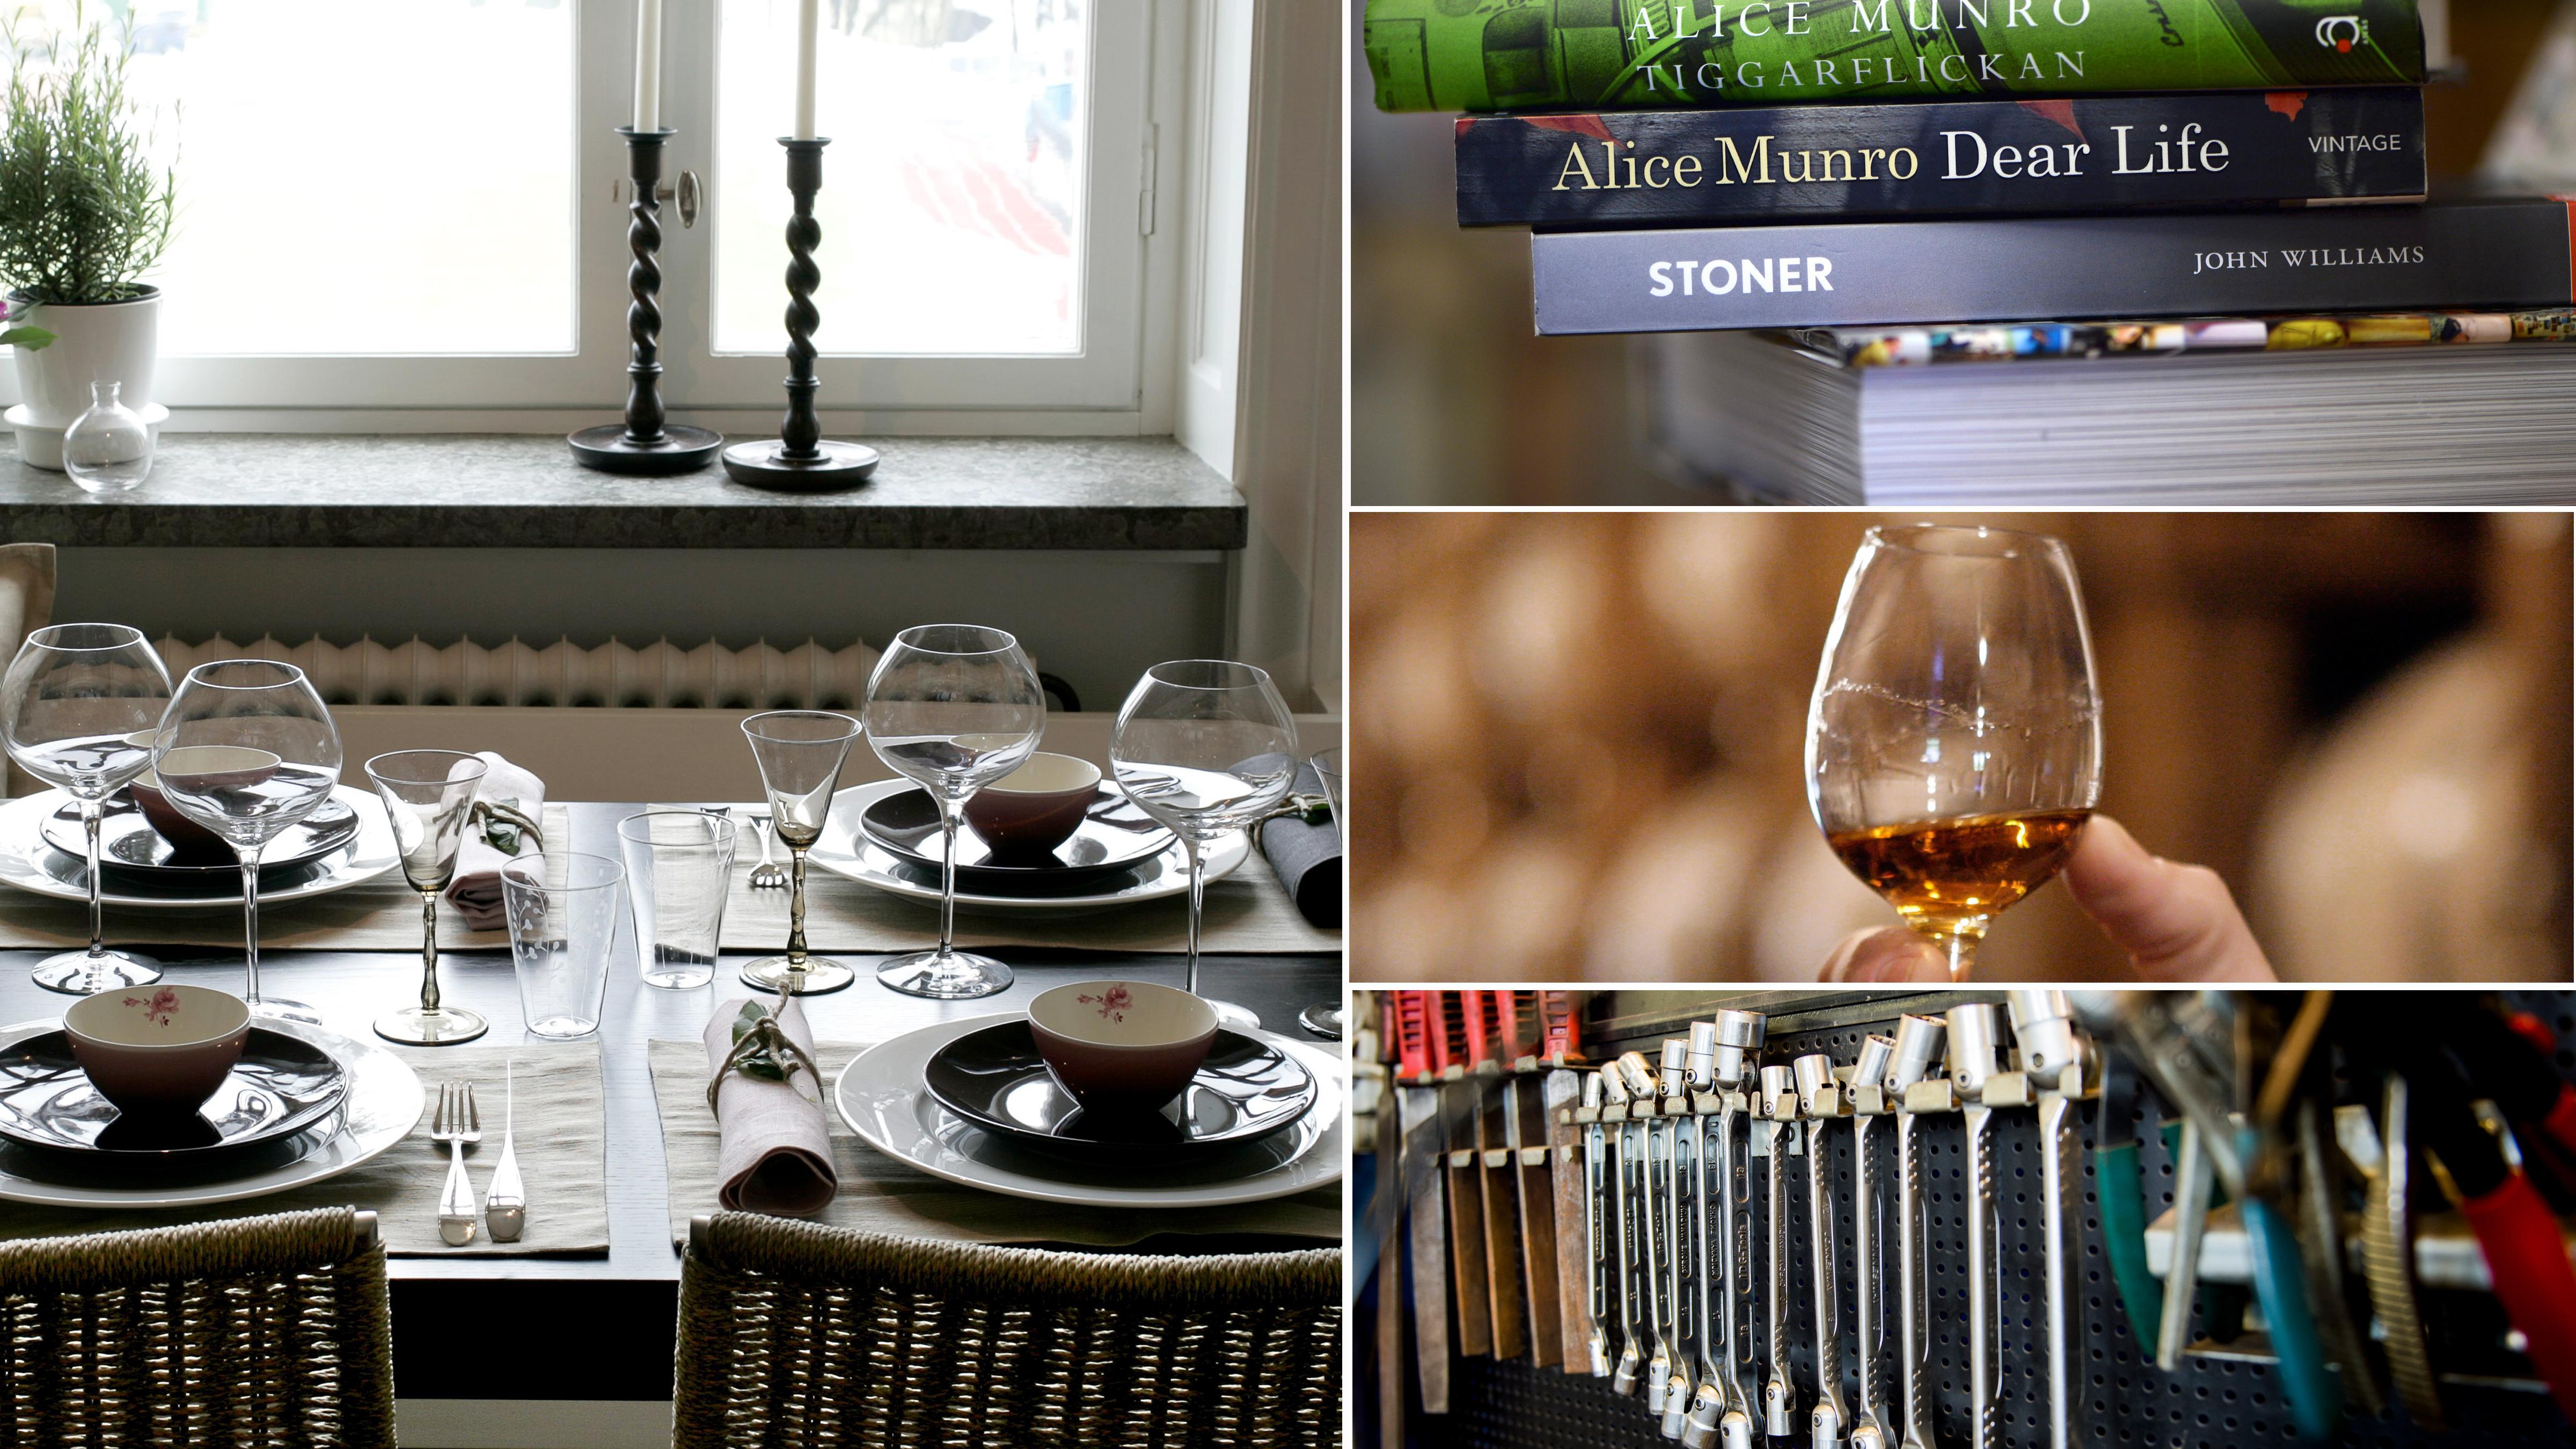 En middagsbjudning, böcker, vin och verktyg står högst på svenska pappors önskelistor inför fars dag. Bild: TT